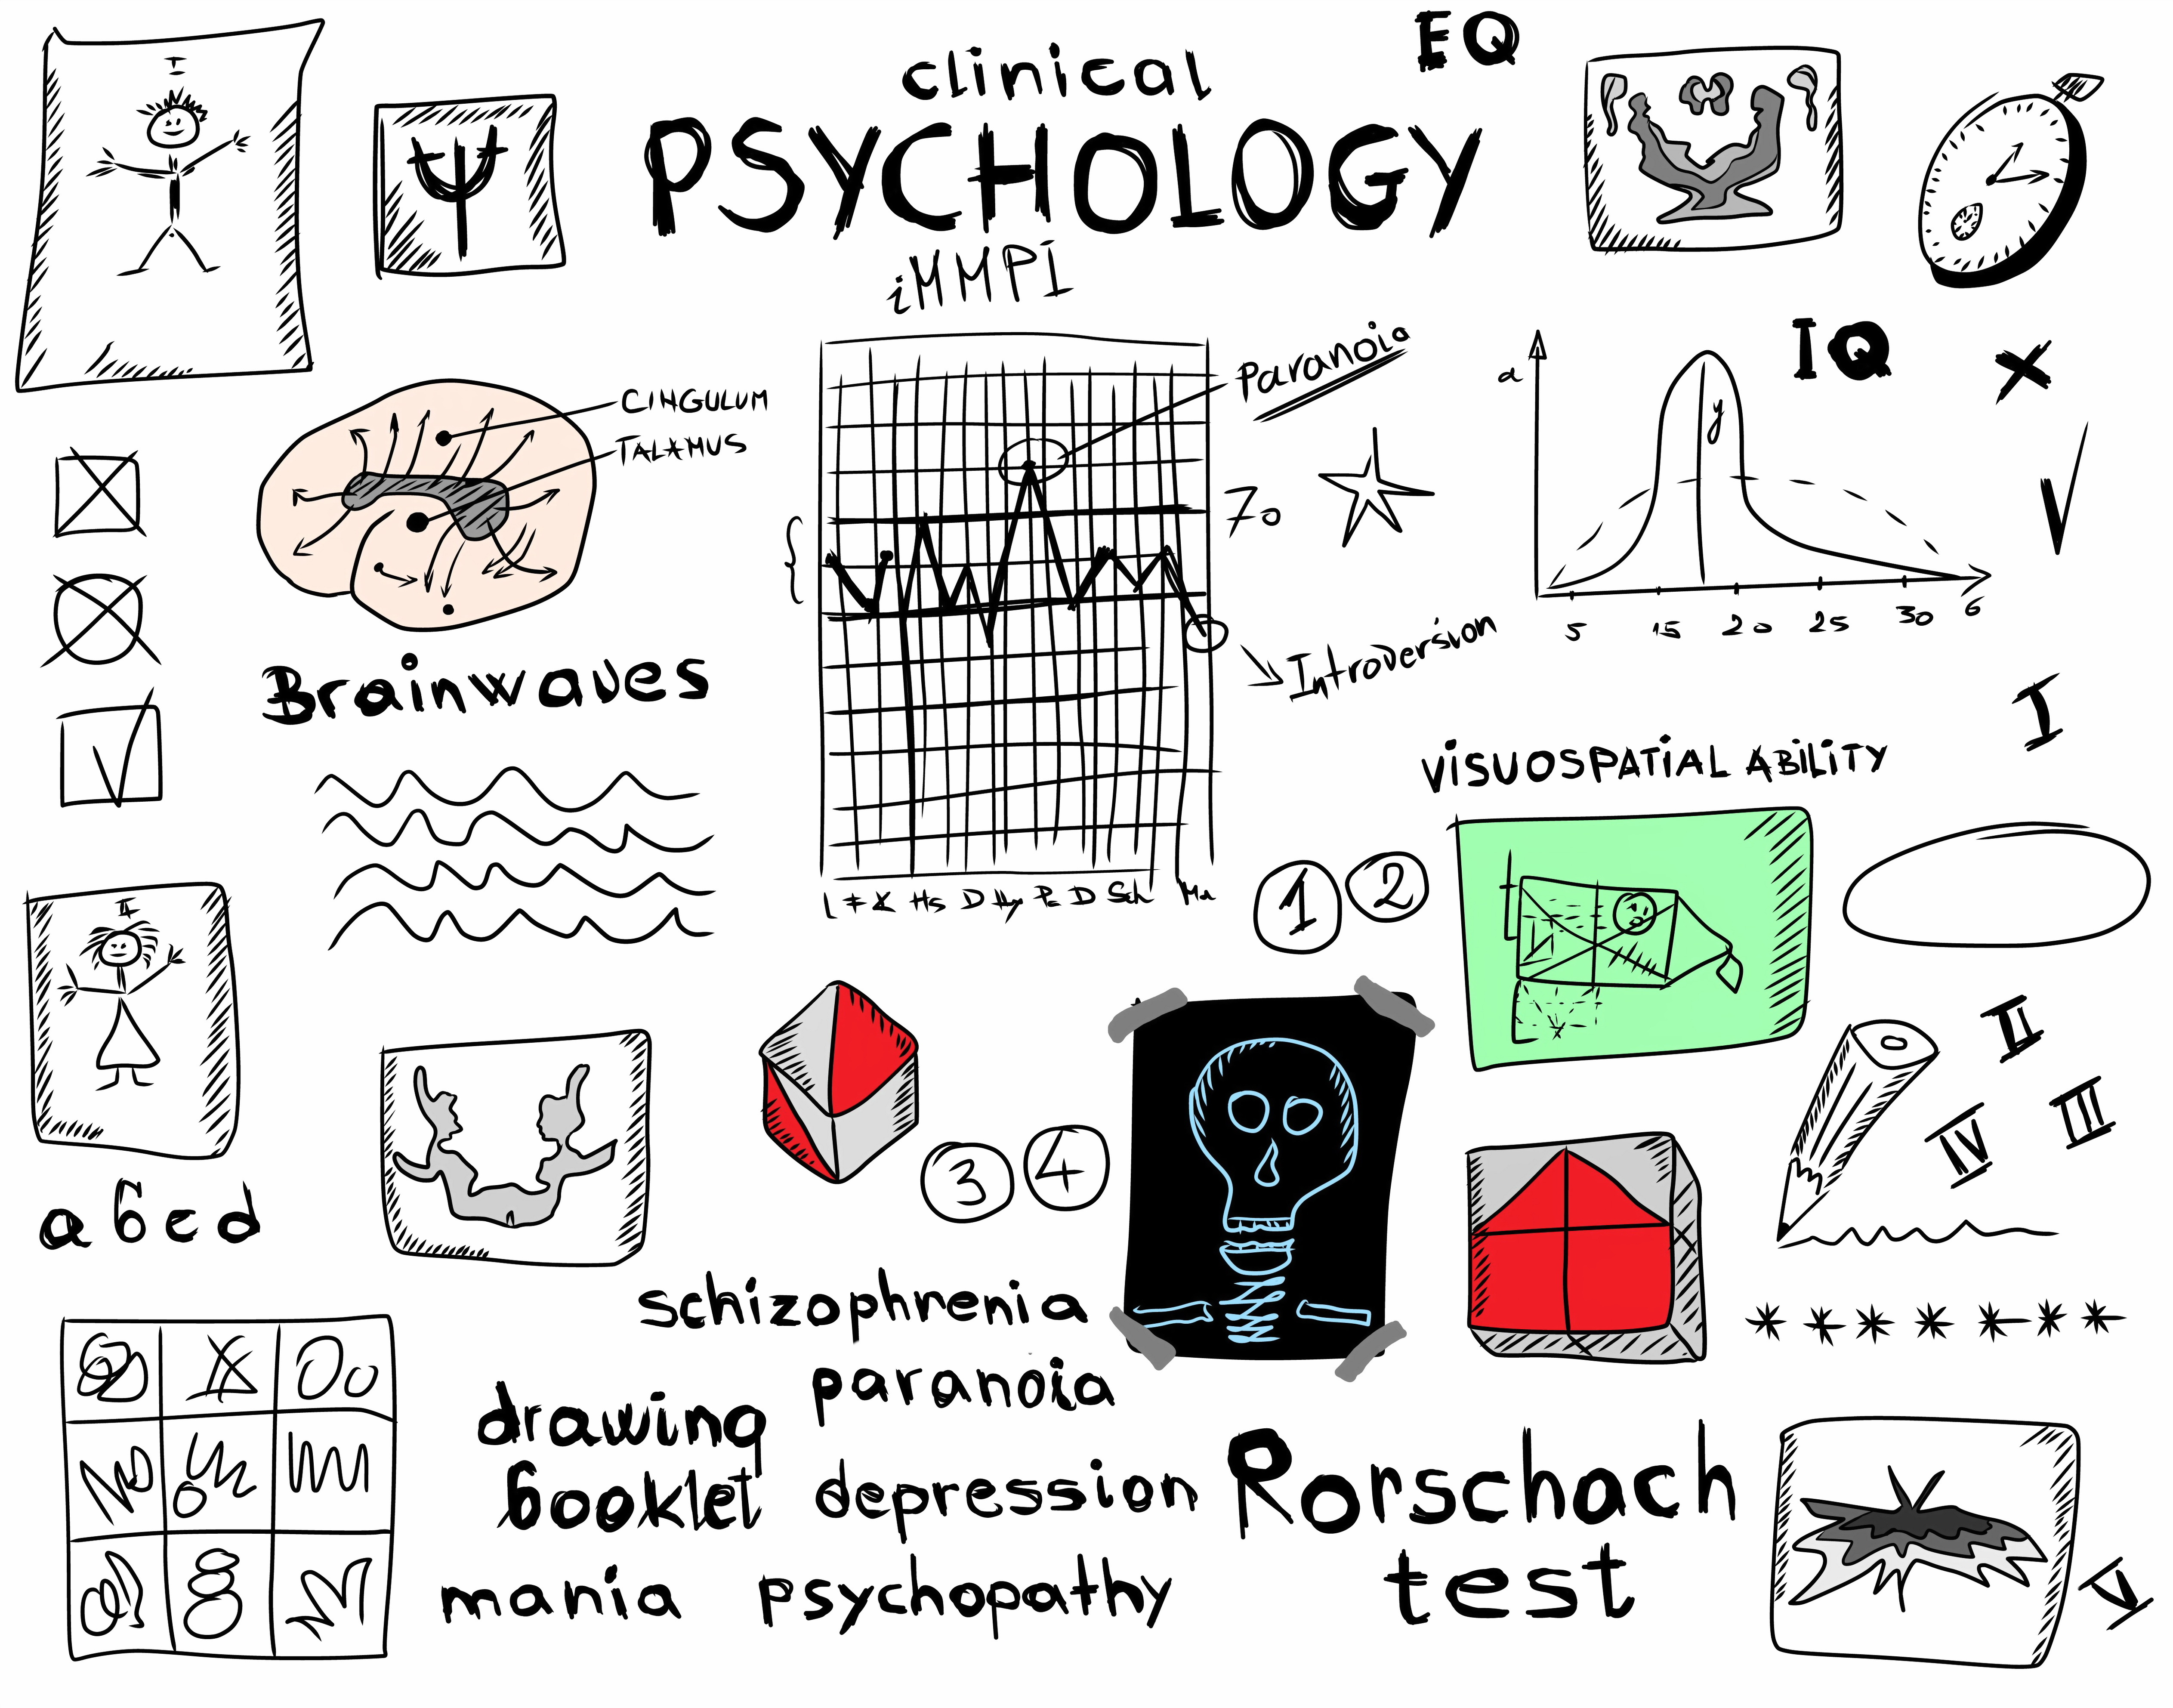 Podstawy warsztatu psychologa klinicznego. Umiejętności praktyczne i narzędzia diagnostyczne.